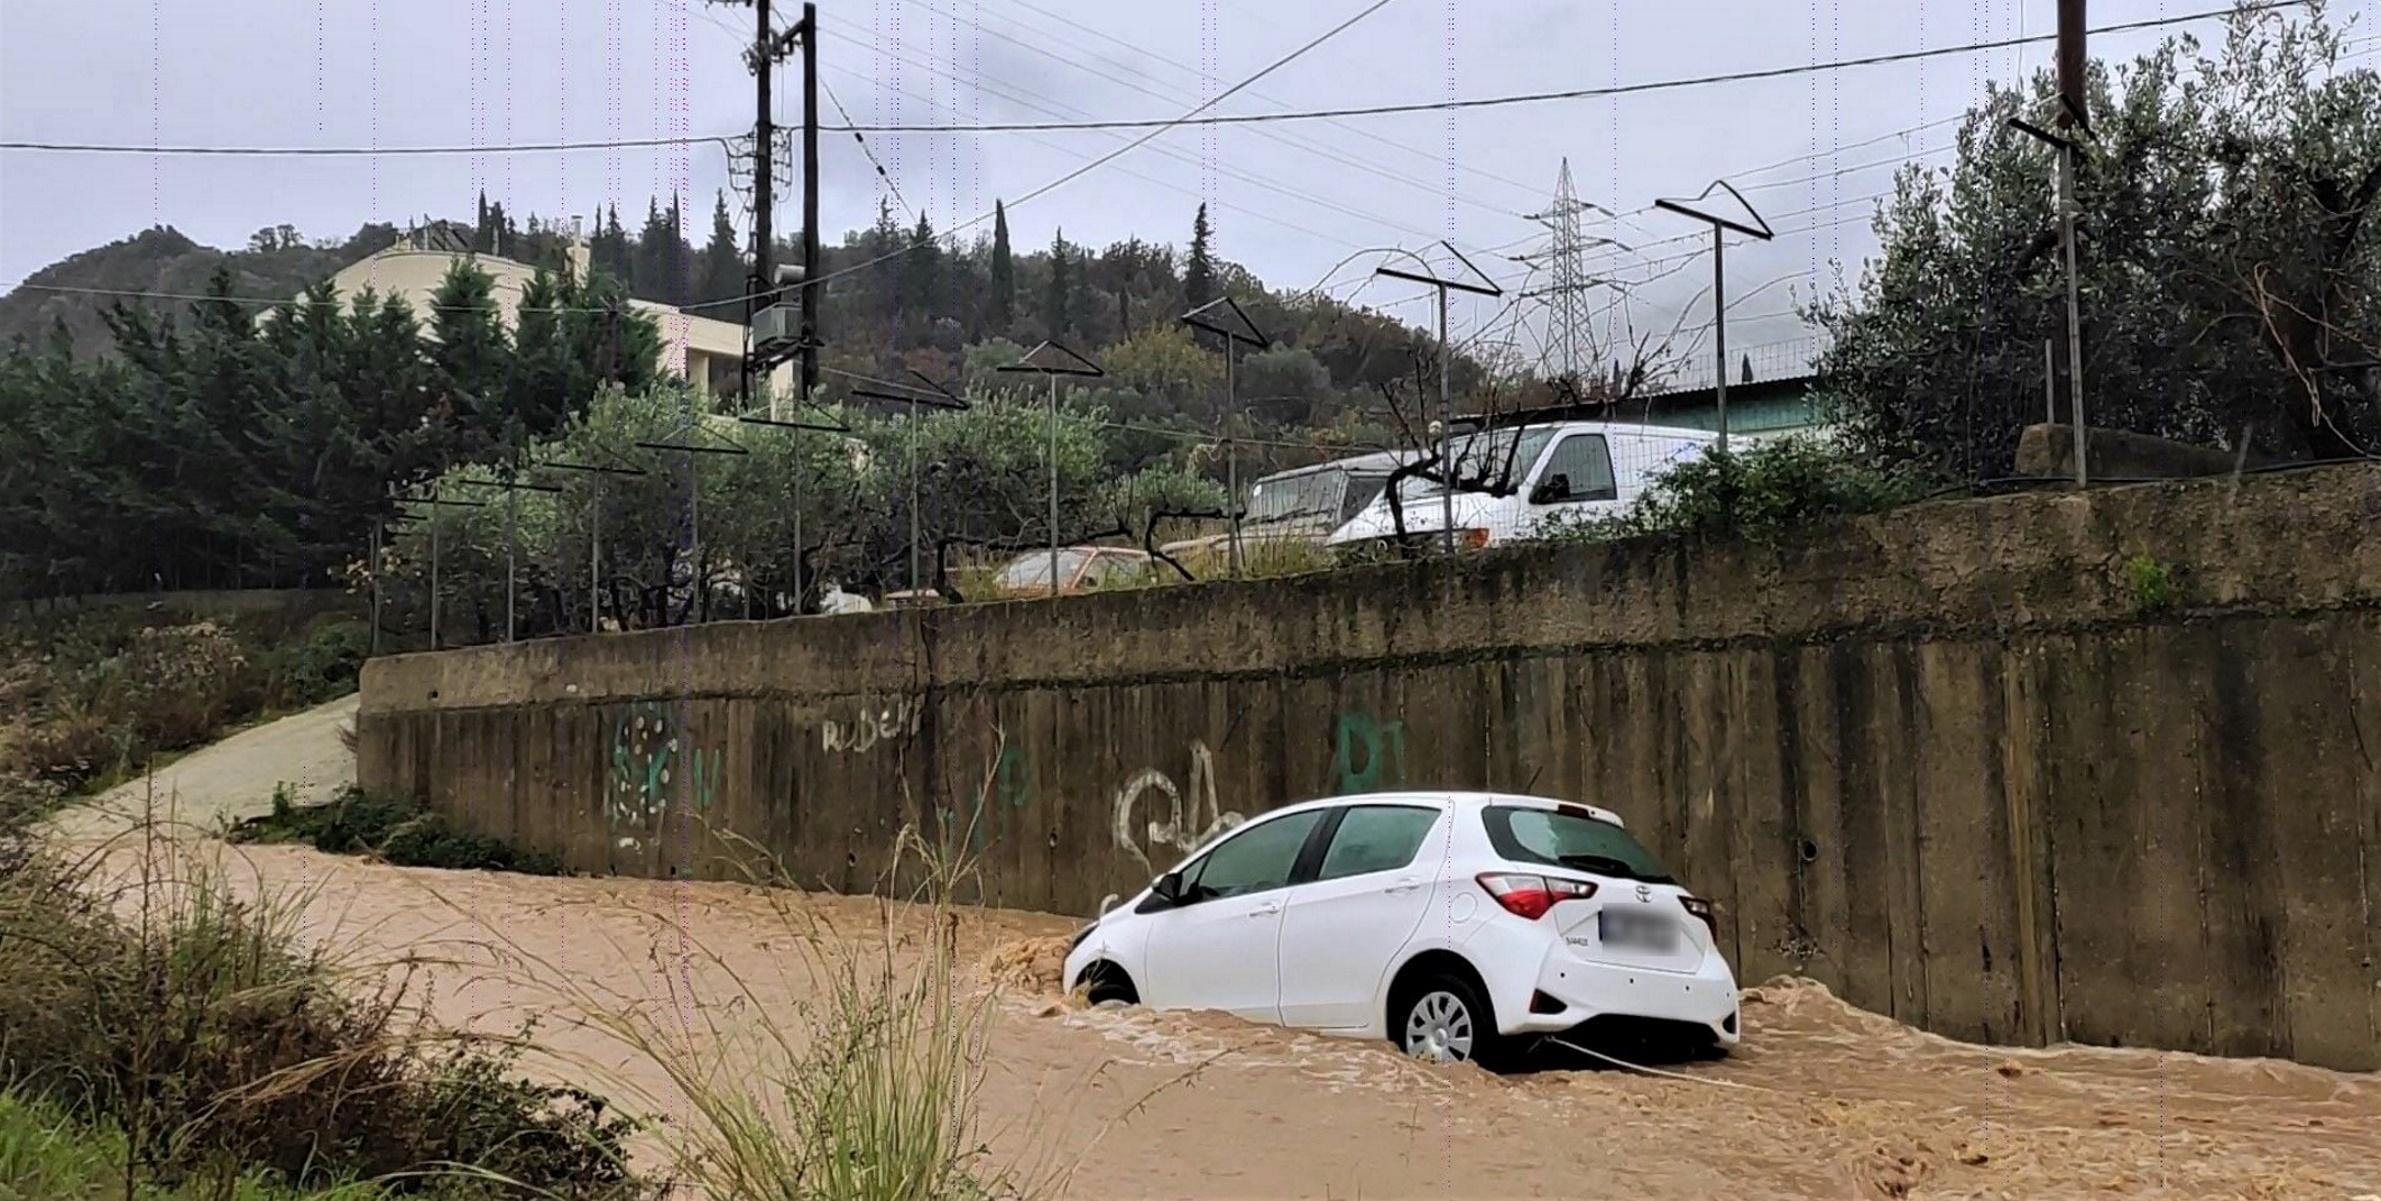 Ηγουμενίτσα: Οδηγός εγκλωβίστηκε στα ορμητικά νερά